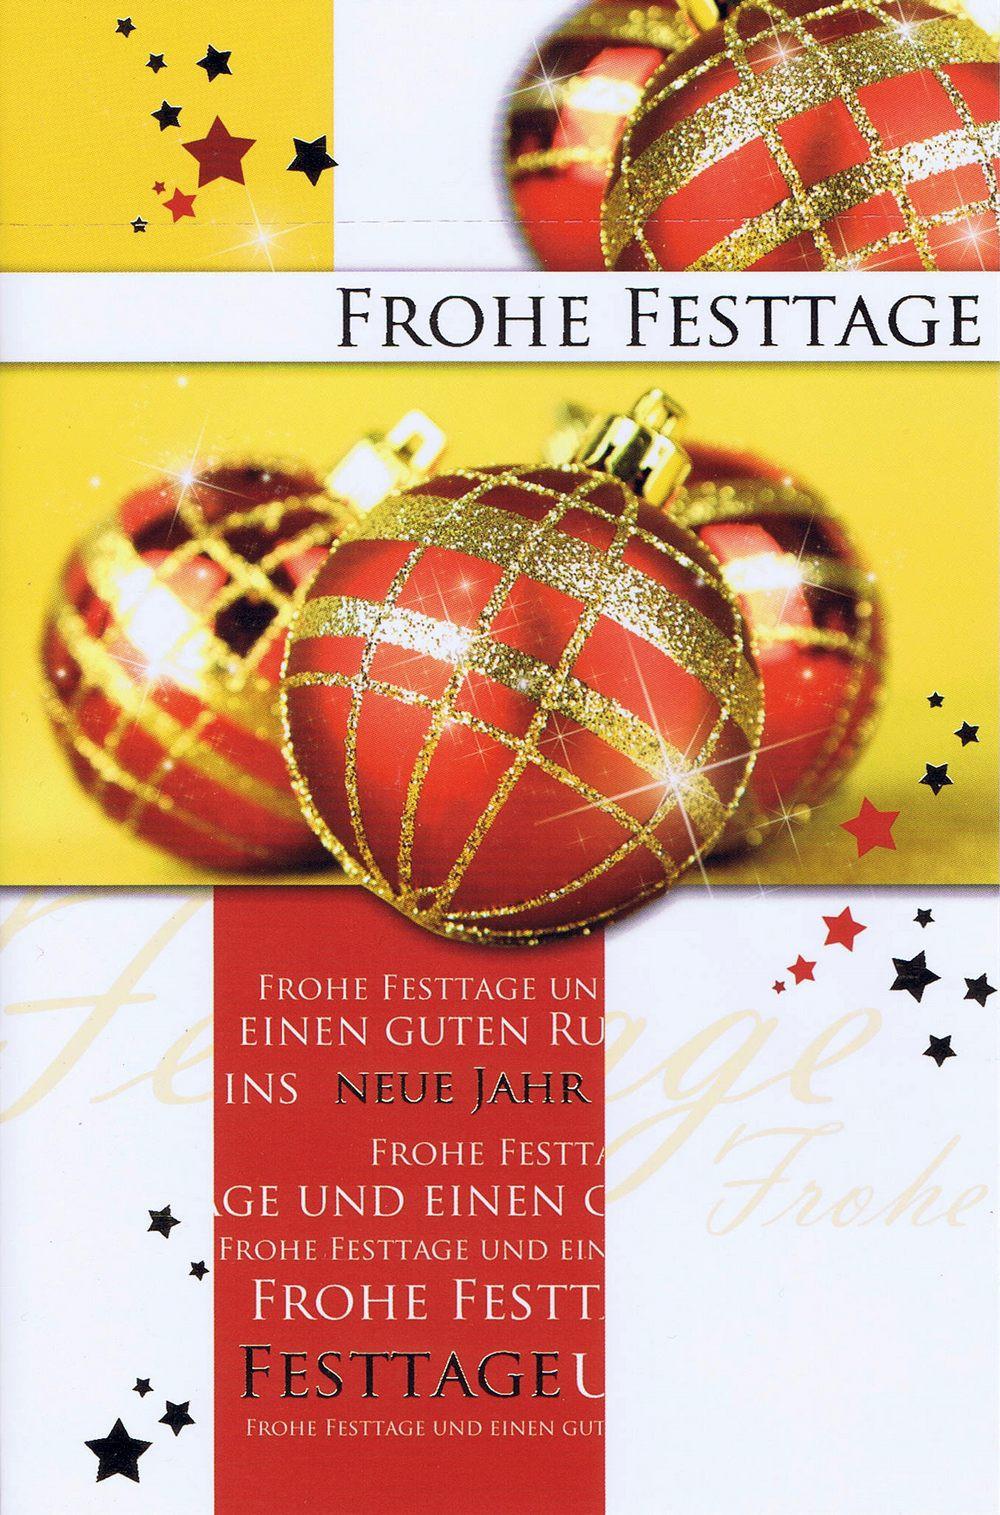 Weihnachtskugeln Rot Gold.Weihnachtskarte Motiv Weihnachtskugeln Rot Gold